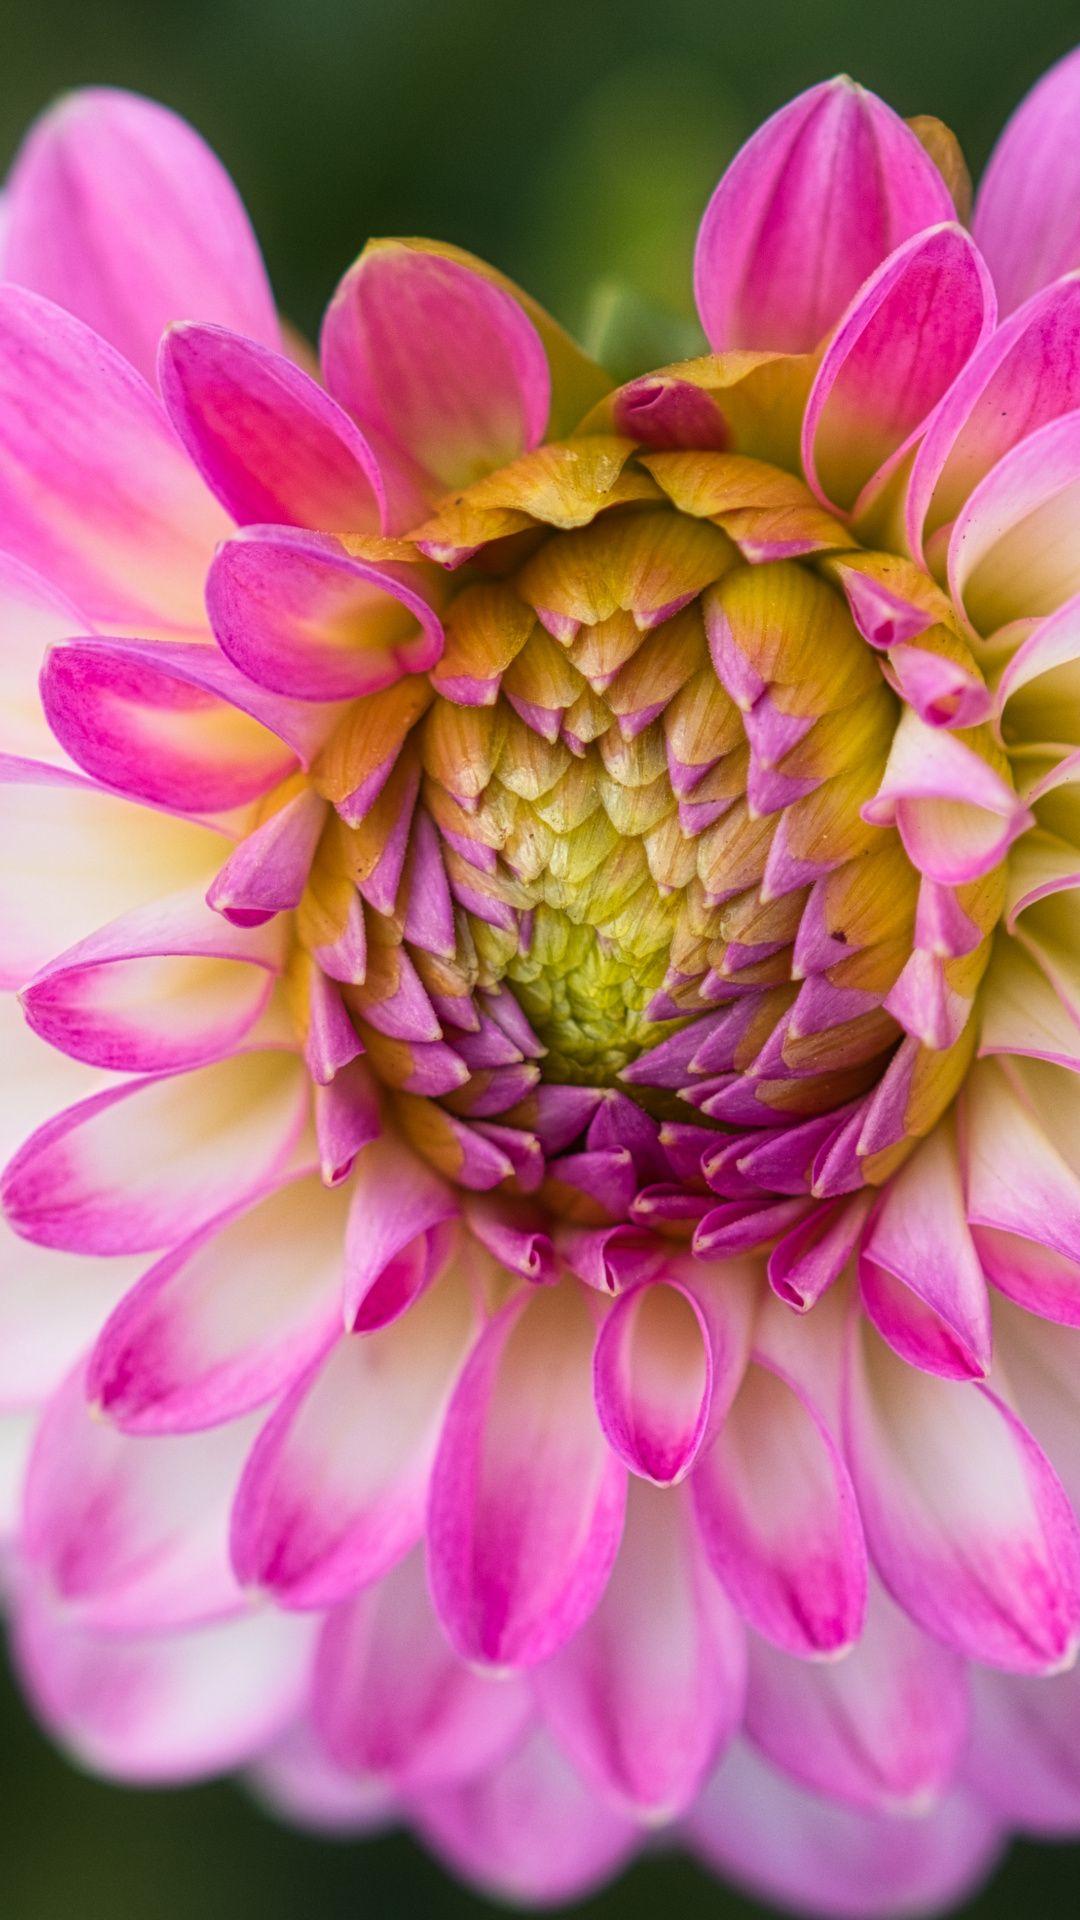 Dahlia Pink Flower Close Up Wallpaper Pink Flowers Wallpaper Flower Wallpaper Flowers